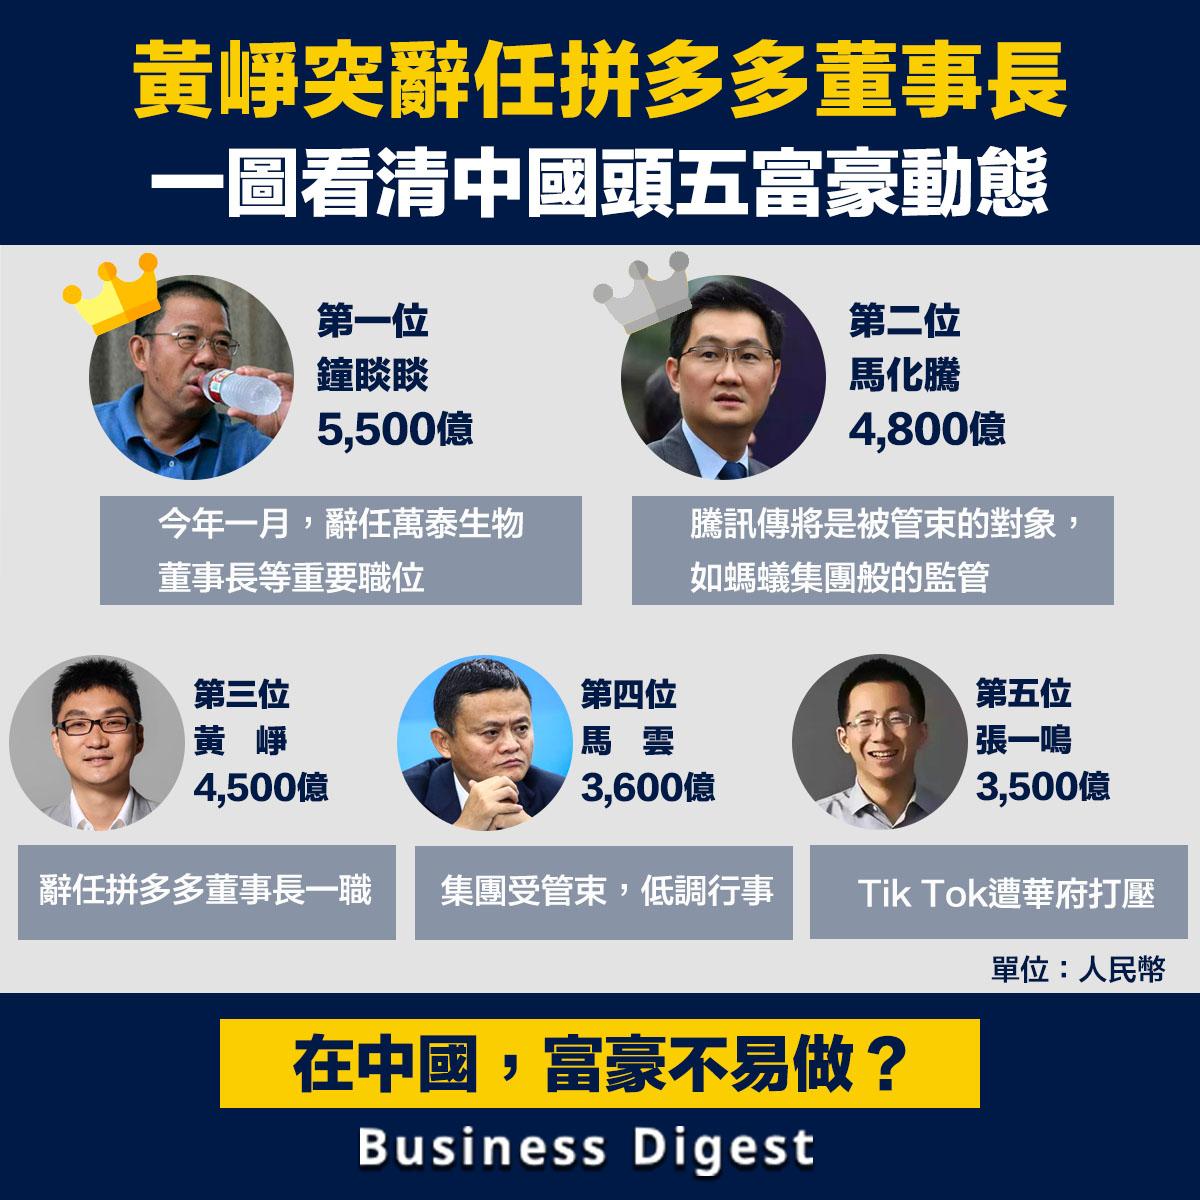 在《2021胡潤全球富豪榜》中排位第三的拼多多創辦人黃崢宣布辭去董事長一職,中國頭五富豪的最新動態又是如何?